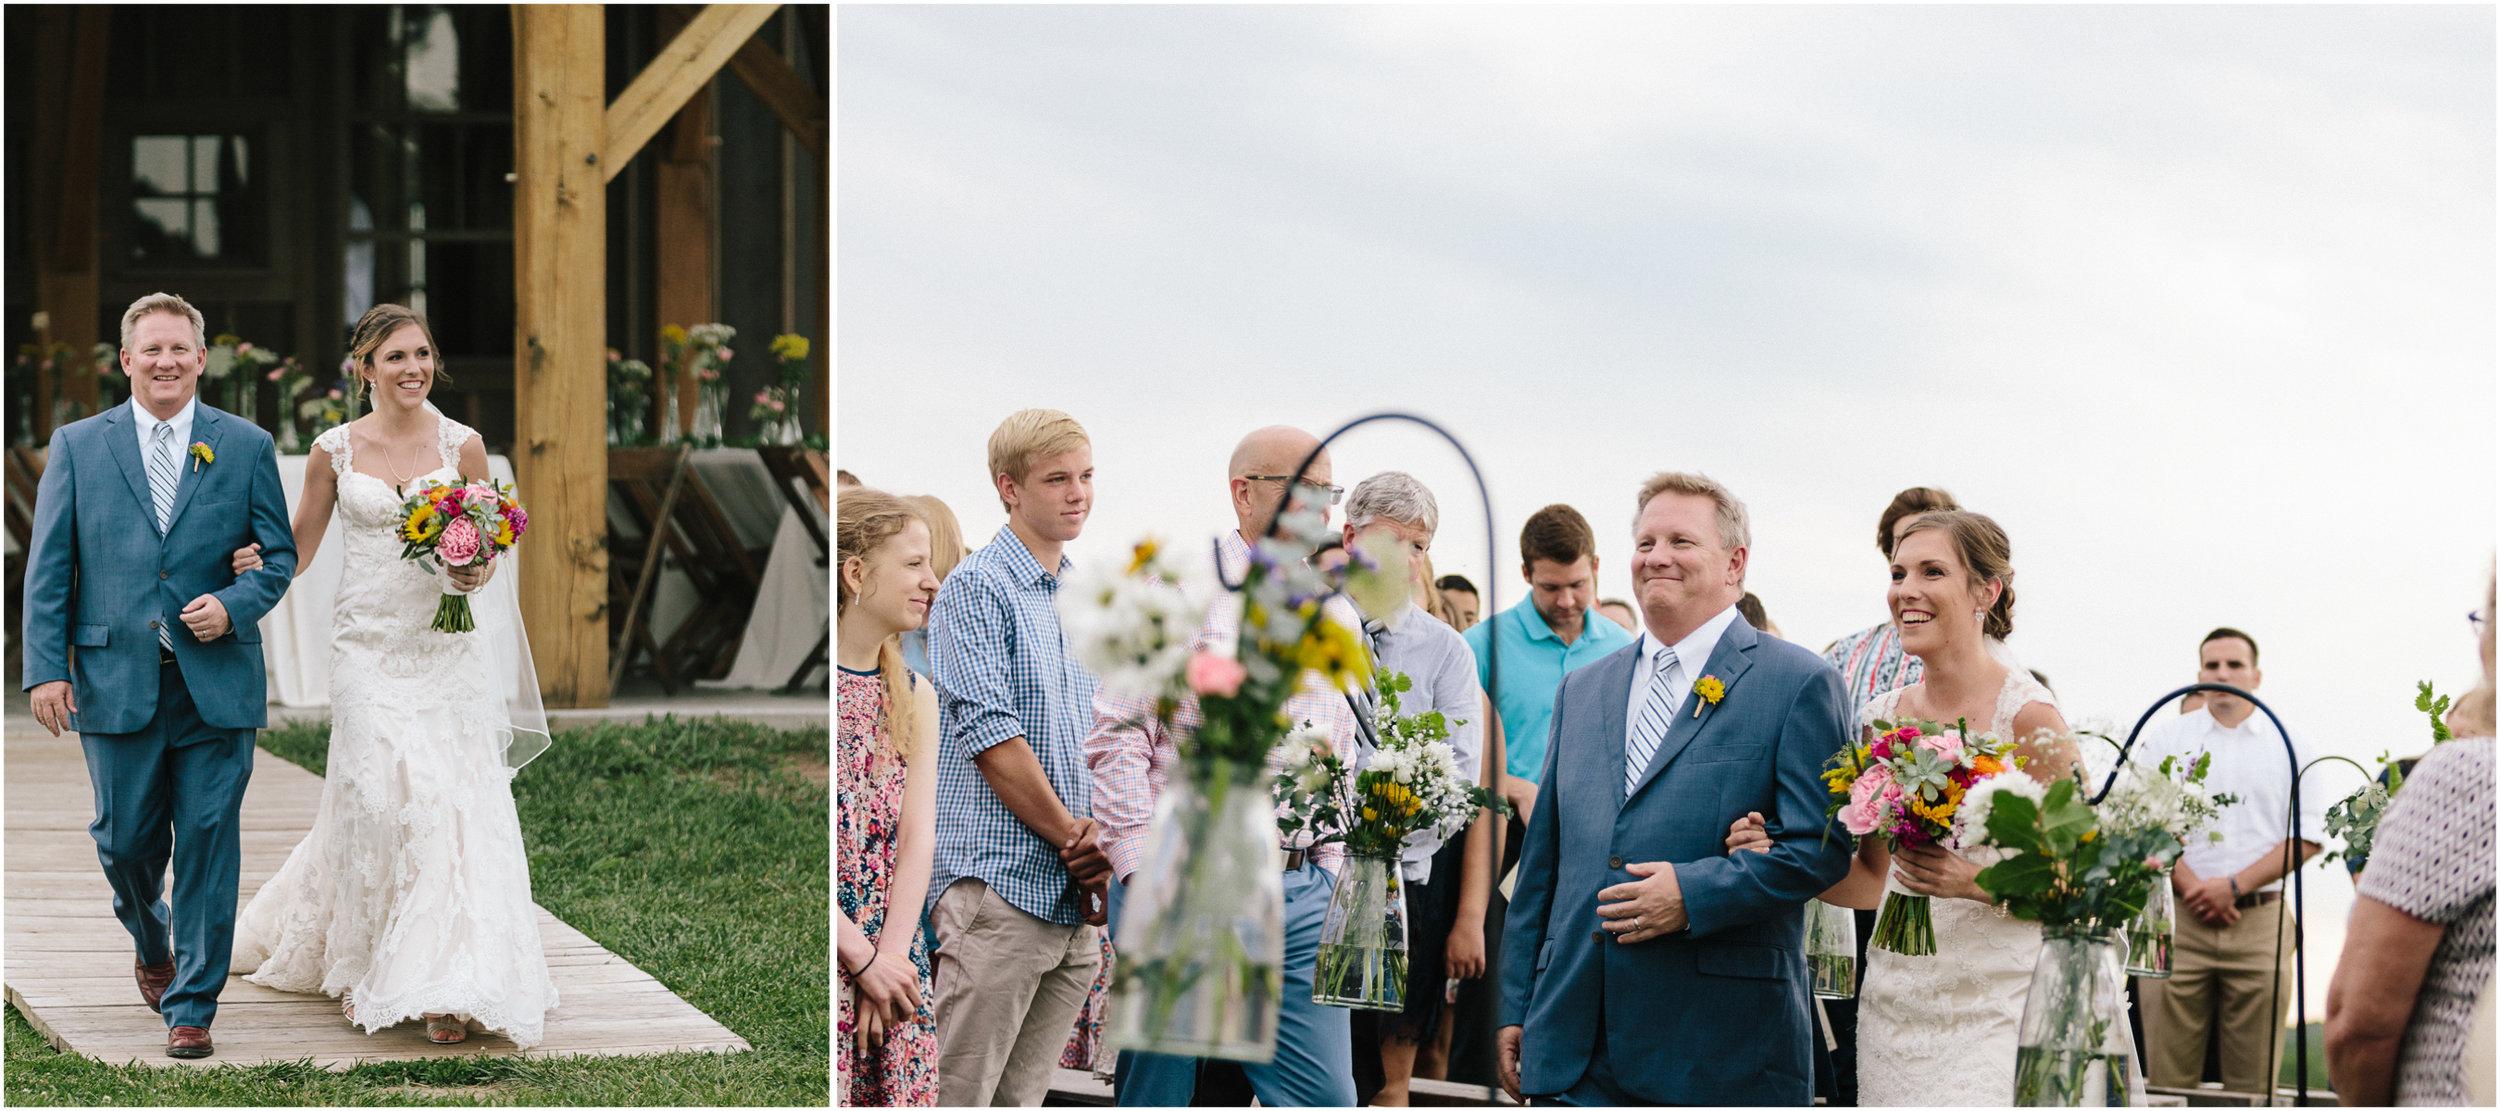 alyssa barletter photography weston missouri bright summer wedding allie and alex cole-38.jpg